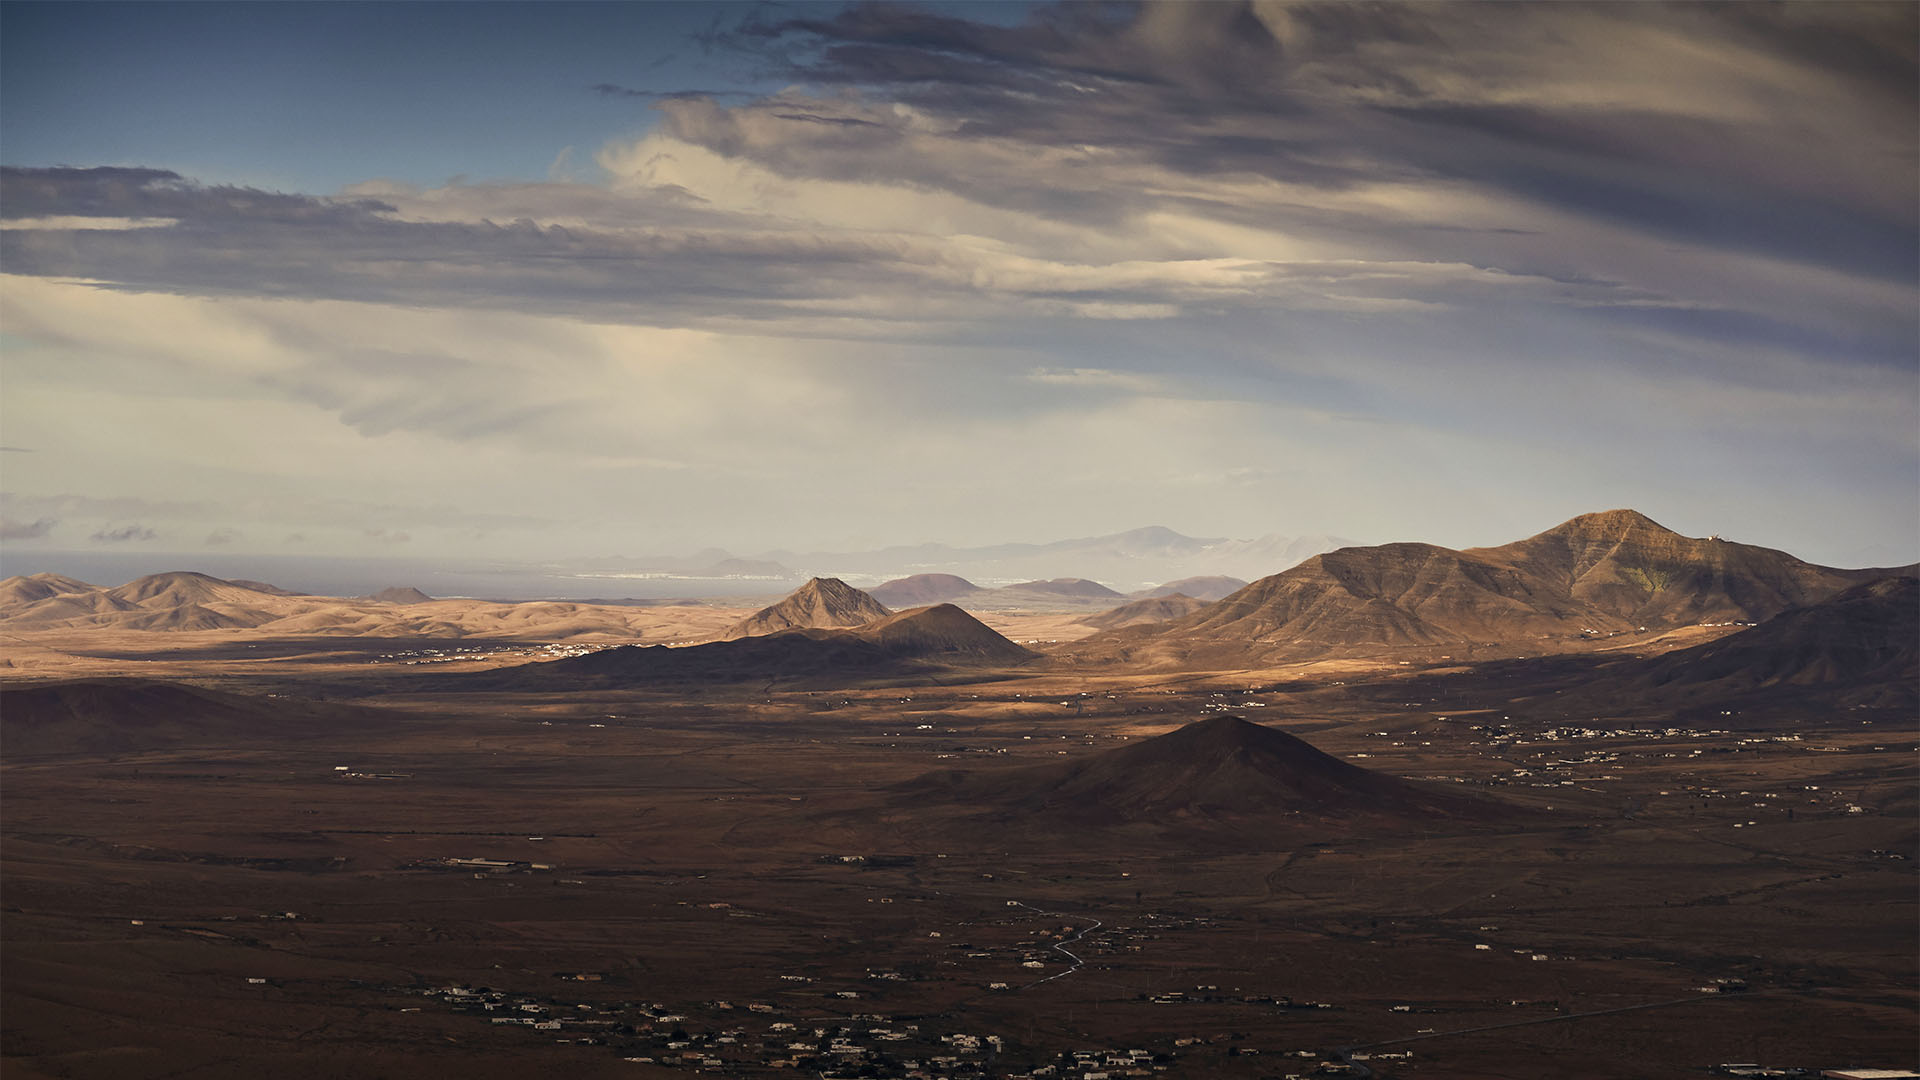 Montaña Sagrada Tindaya Fuerteventura.